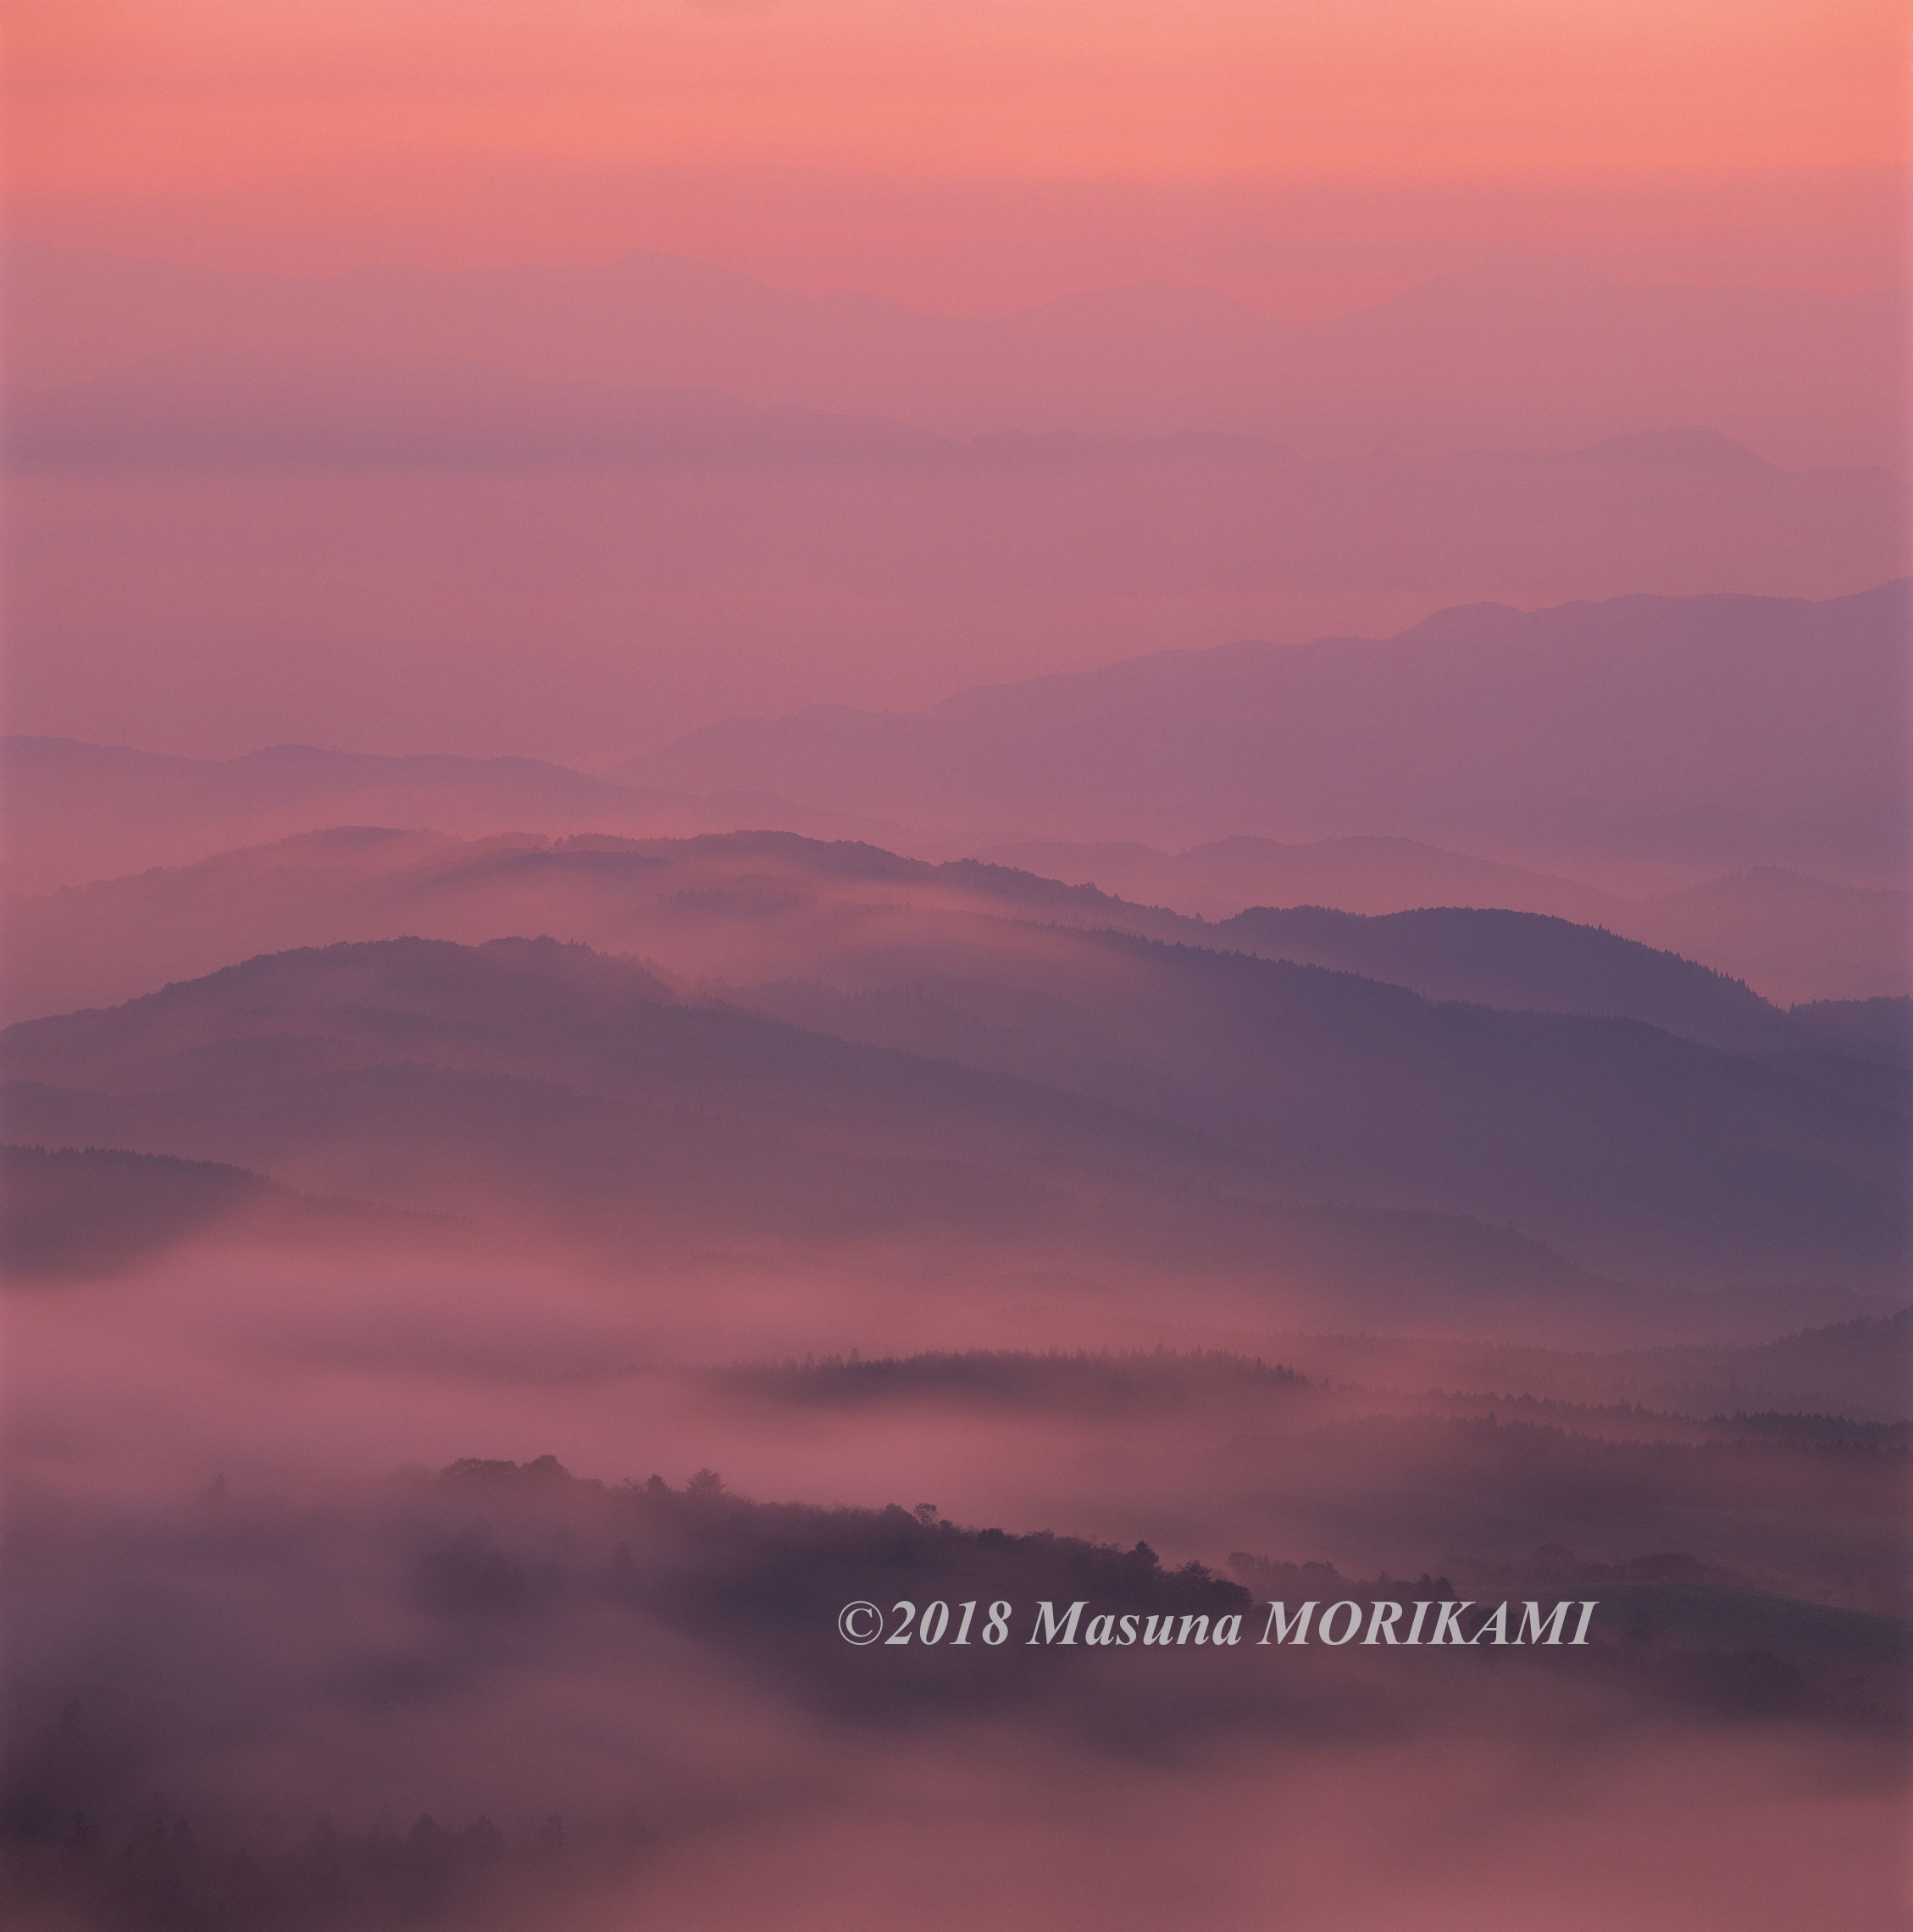 07 染まる山なみ/長野県根羽村/2011.10.9 5:35